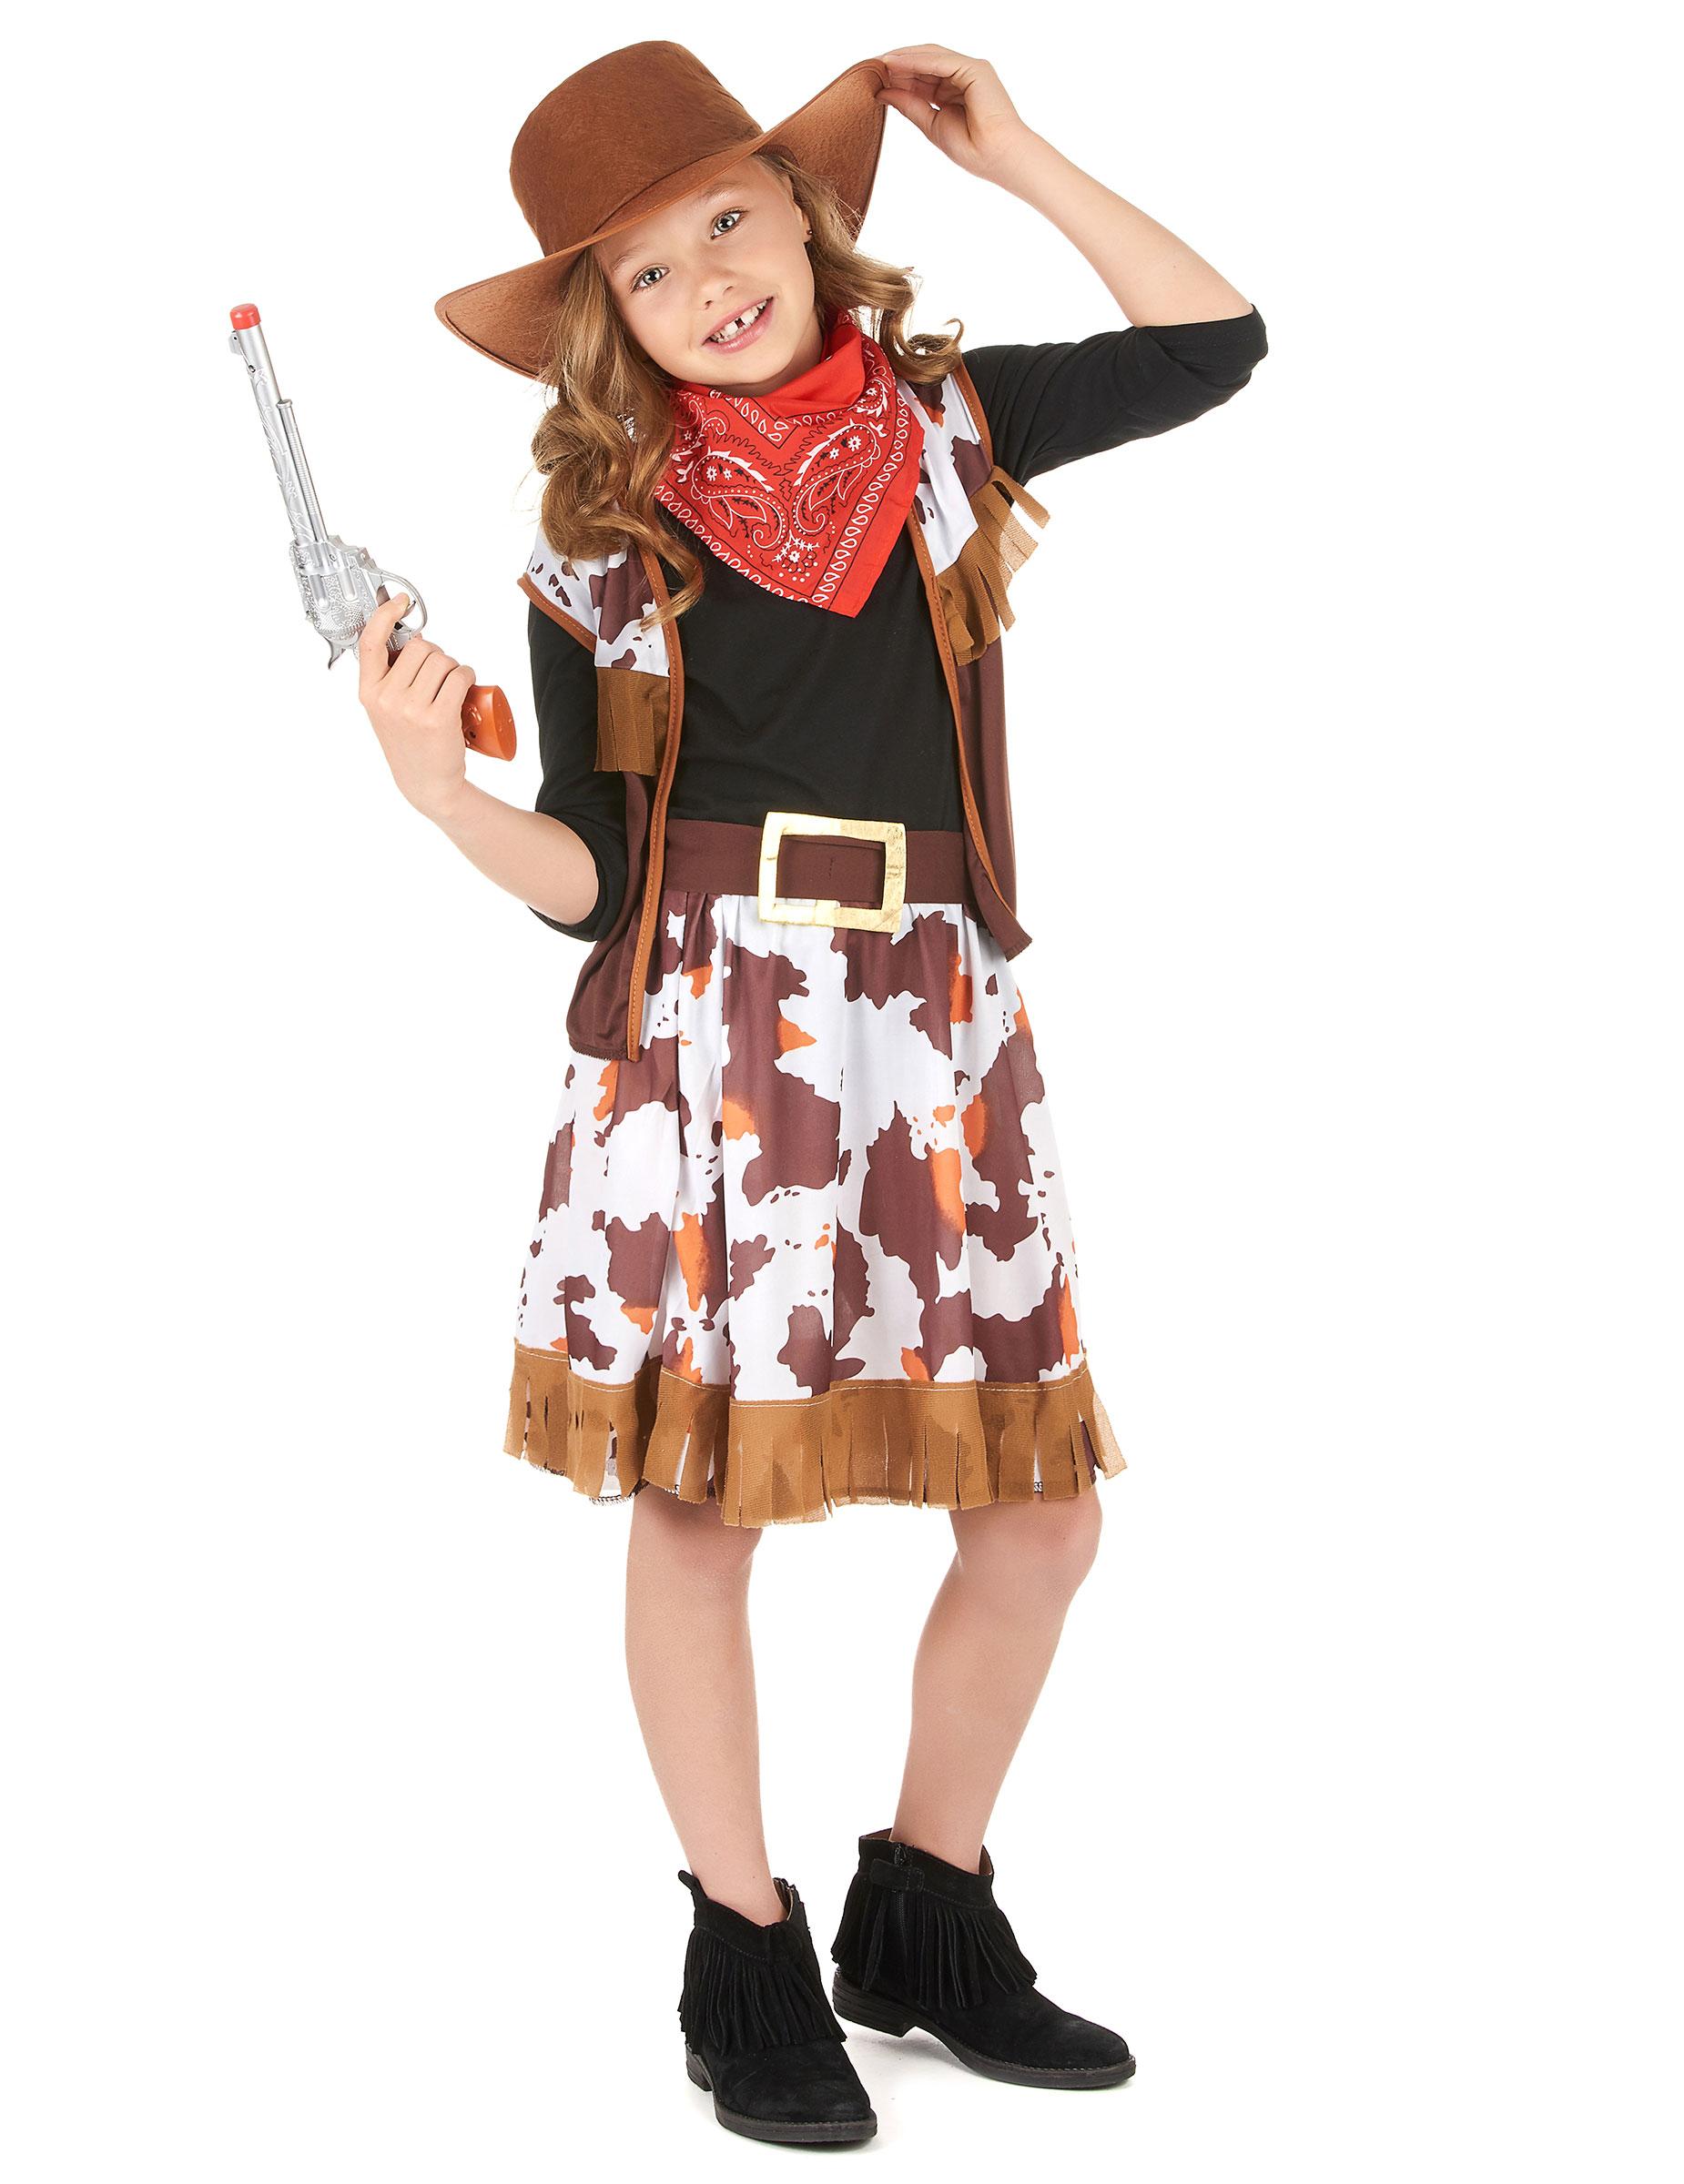 Cowgirl Verkleidung Fur Madchen Kostume Fur Kinder Und Gunstige